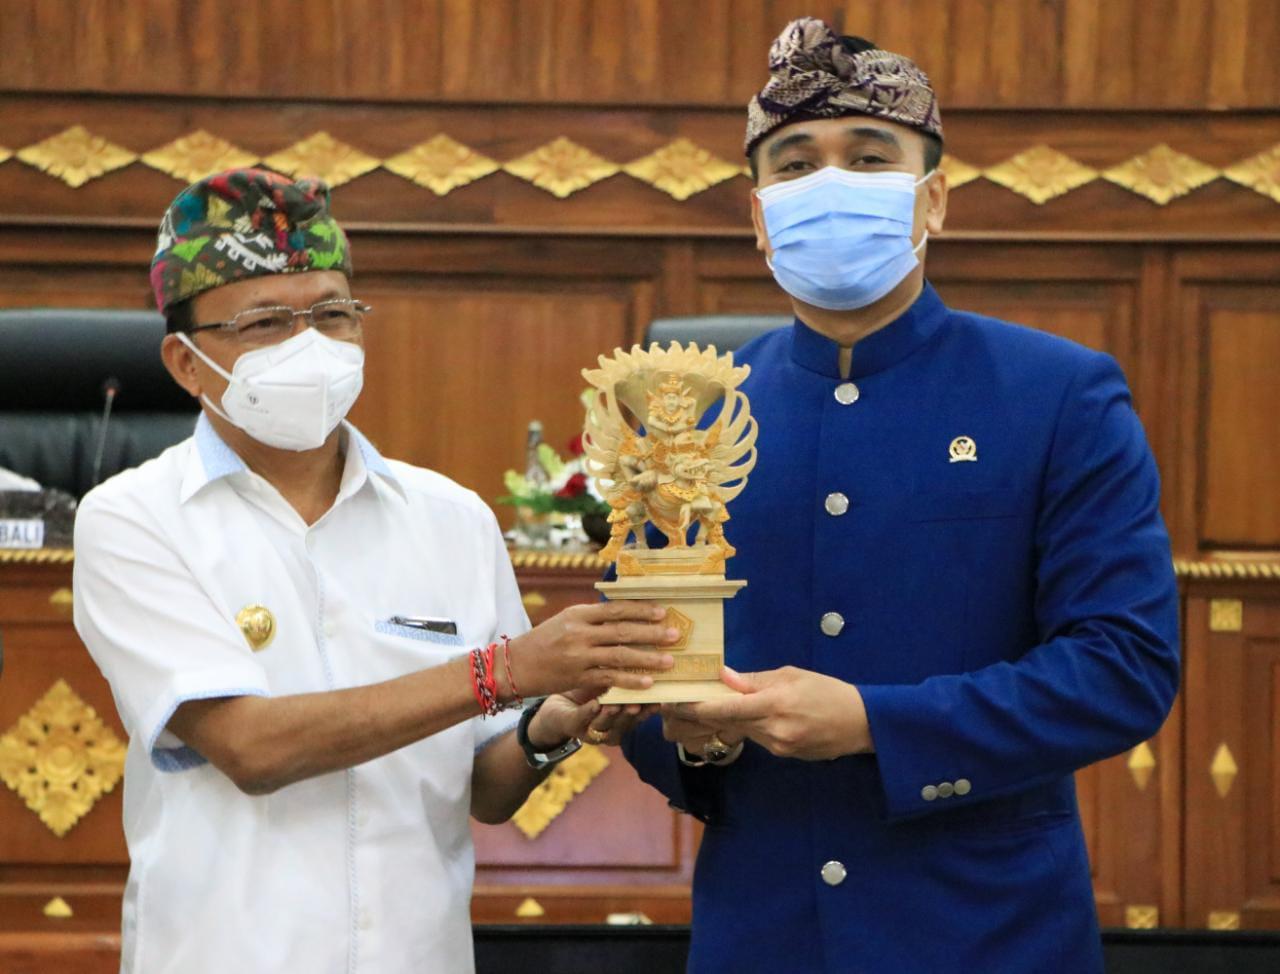 Gubernur Bali Wayan Koster memberikan cindramata kepada pimpinan rombongan Diplomasi Parlemen Badan Kerjasama Antar Parlemen (BKSAP) DPR RI, Putu Supadma Rudana